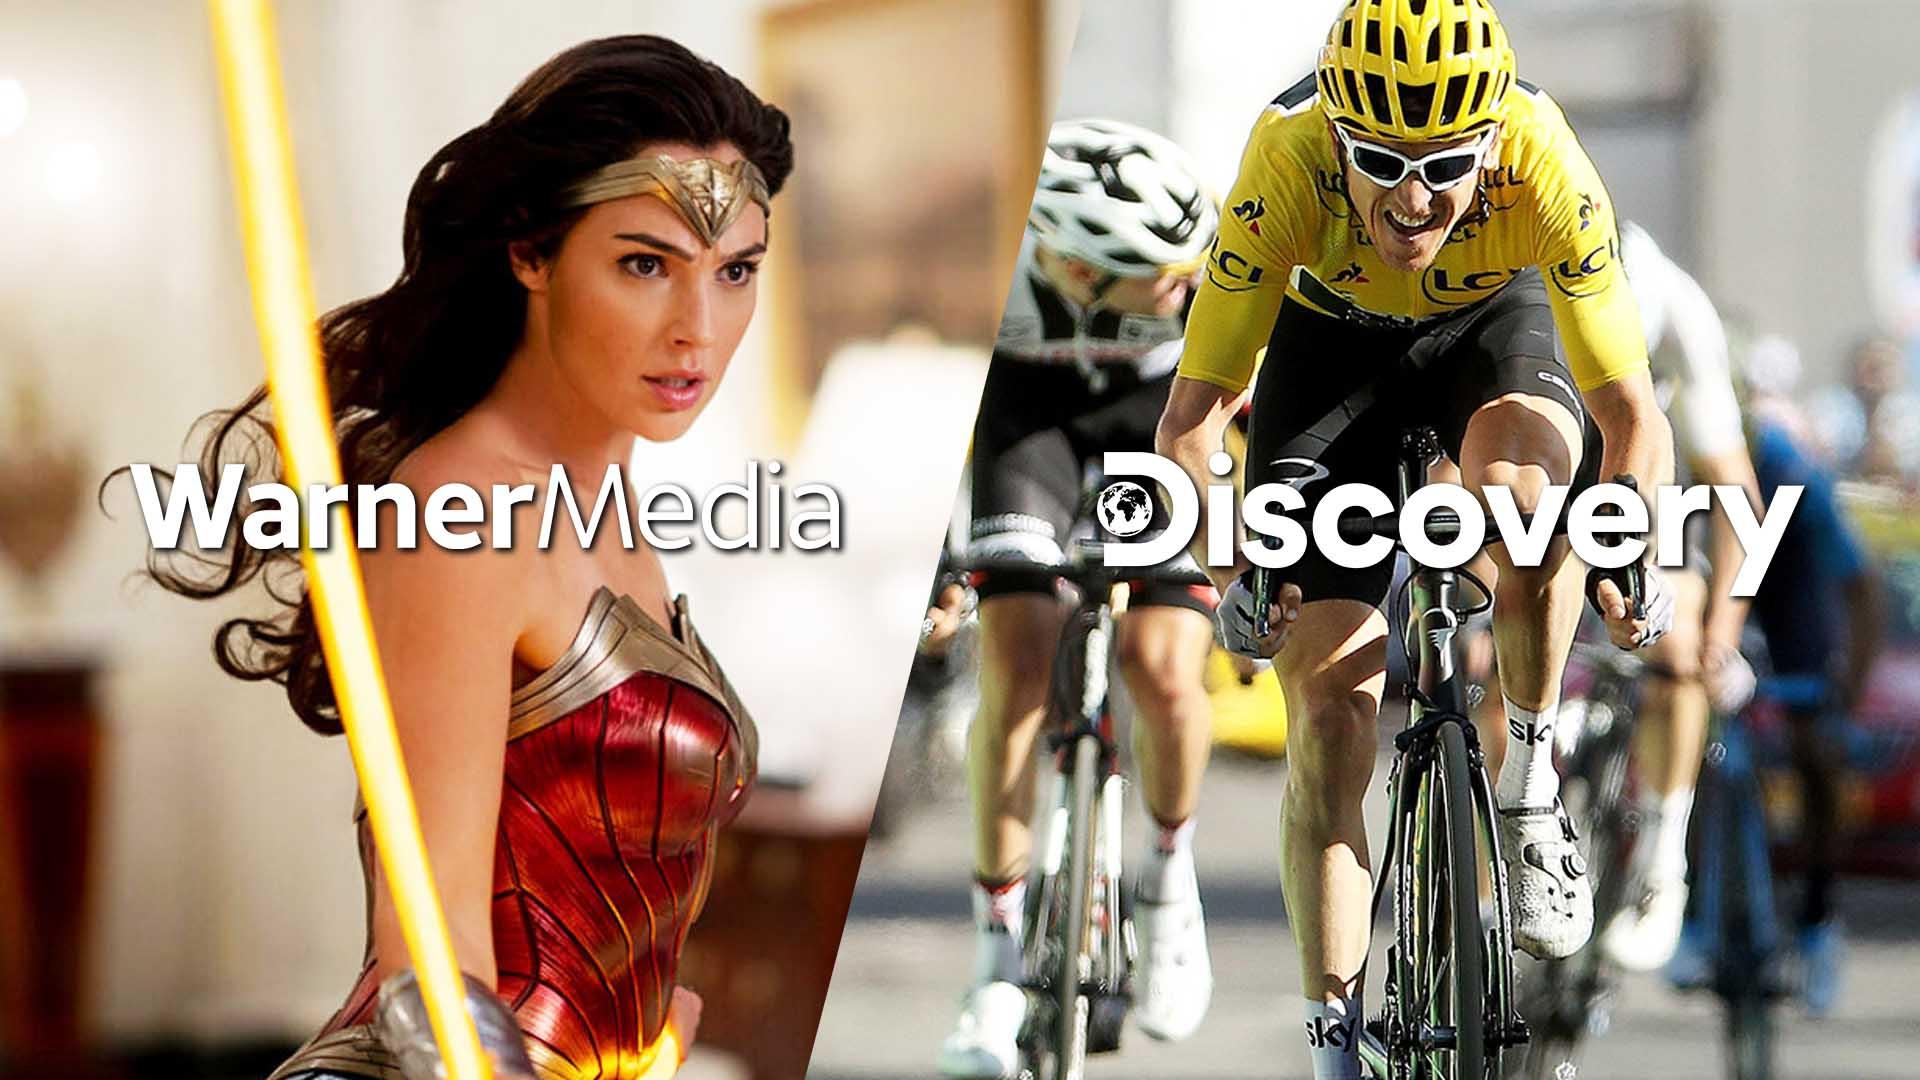 Streamingové války hlásí další bitvu, WarnerMedia a Discovery se slučují